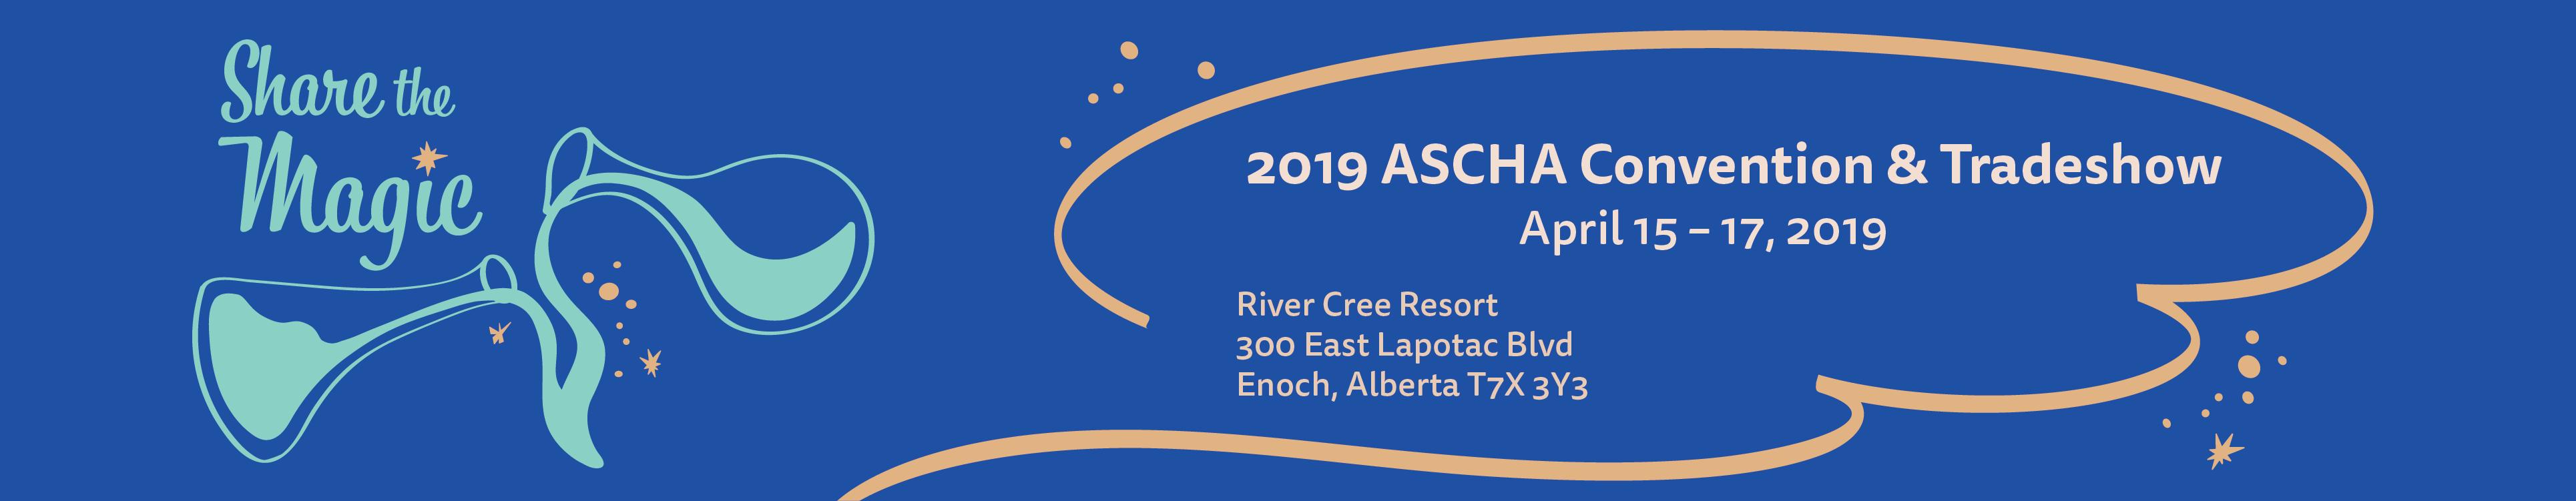 2019 ASCHA Convention & Tradeshow